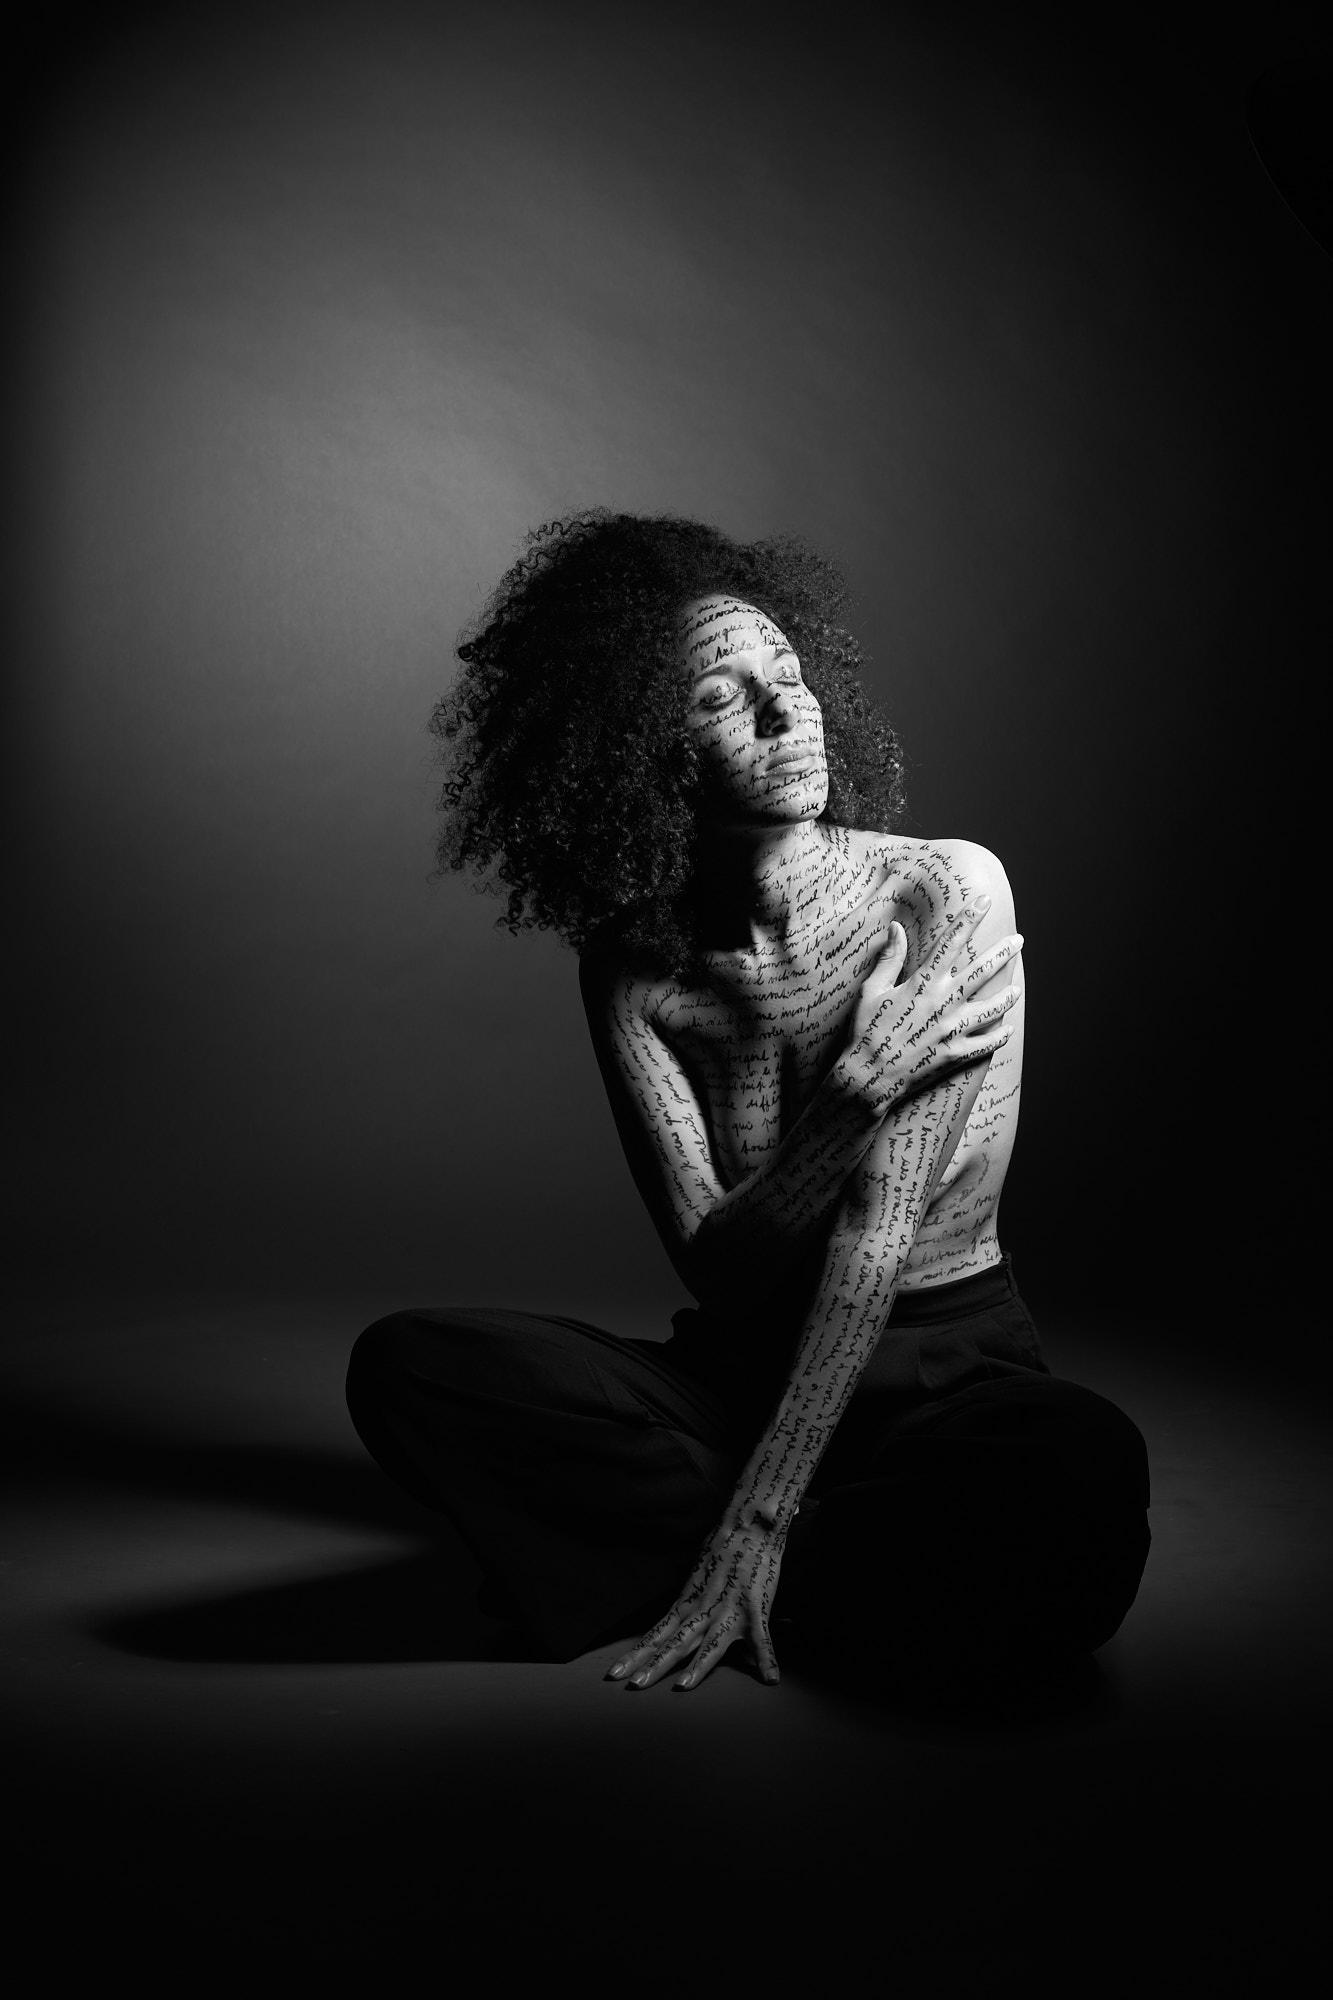 Une femme assise, écriture sur le corps